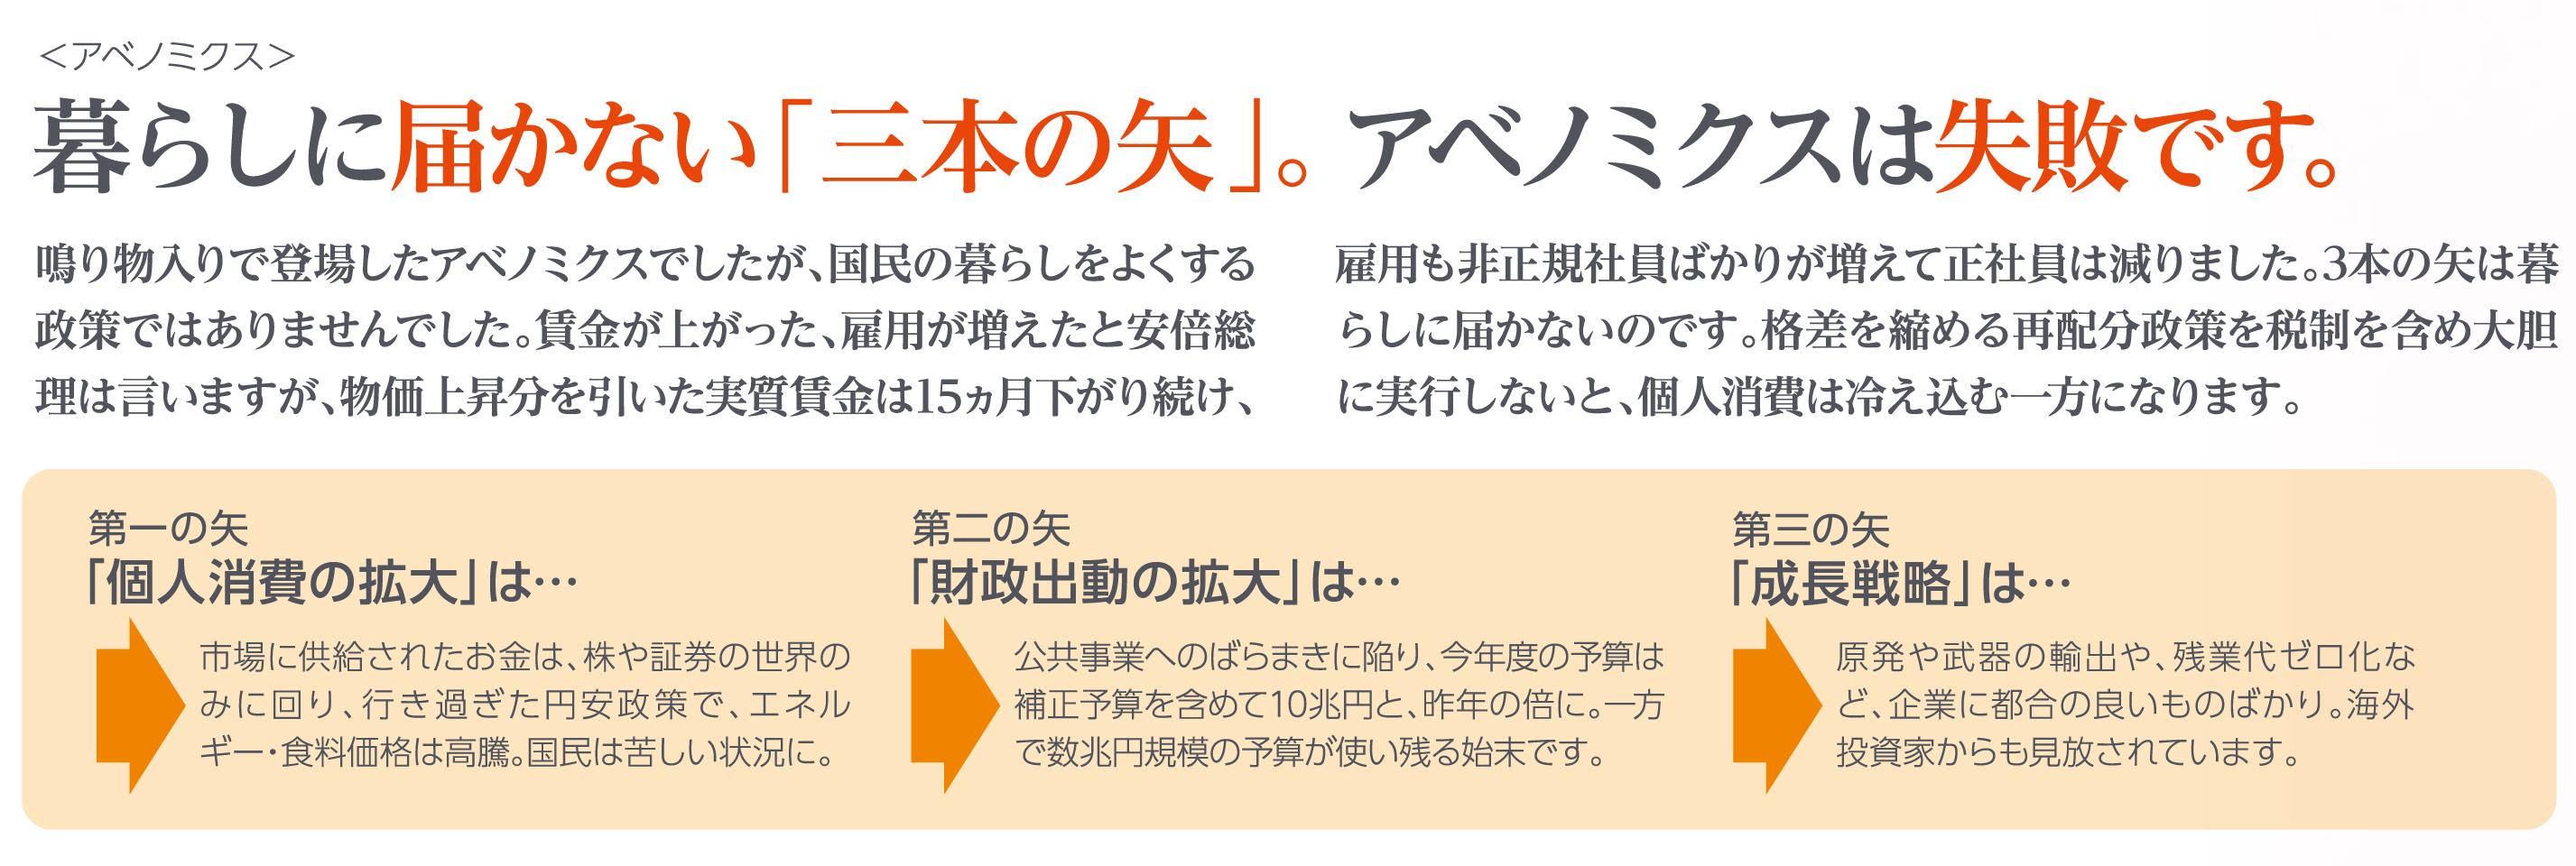 seisaku_abenomikusu